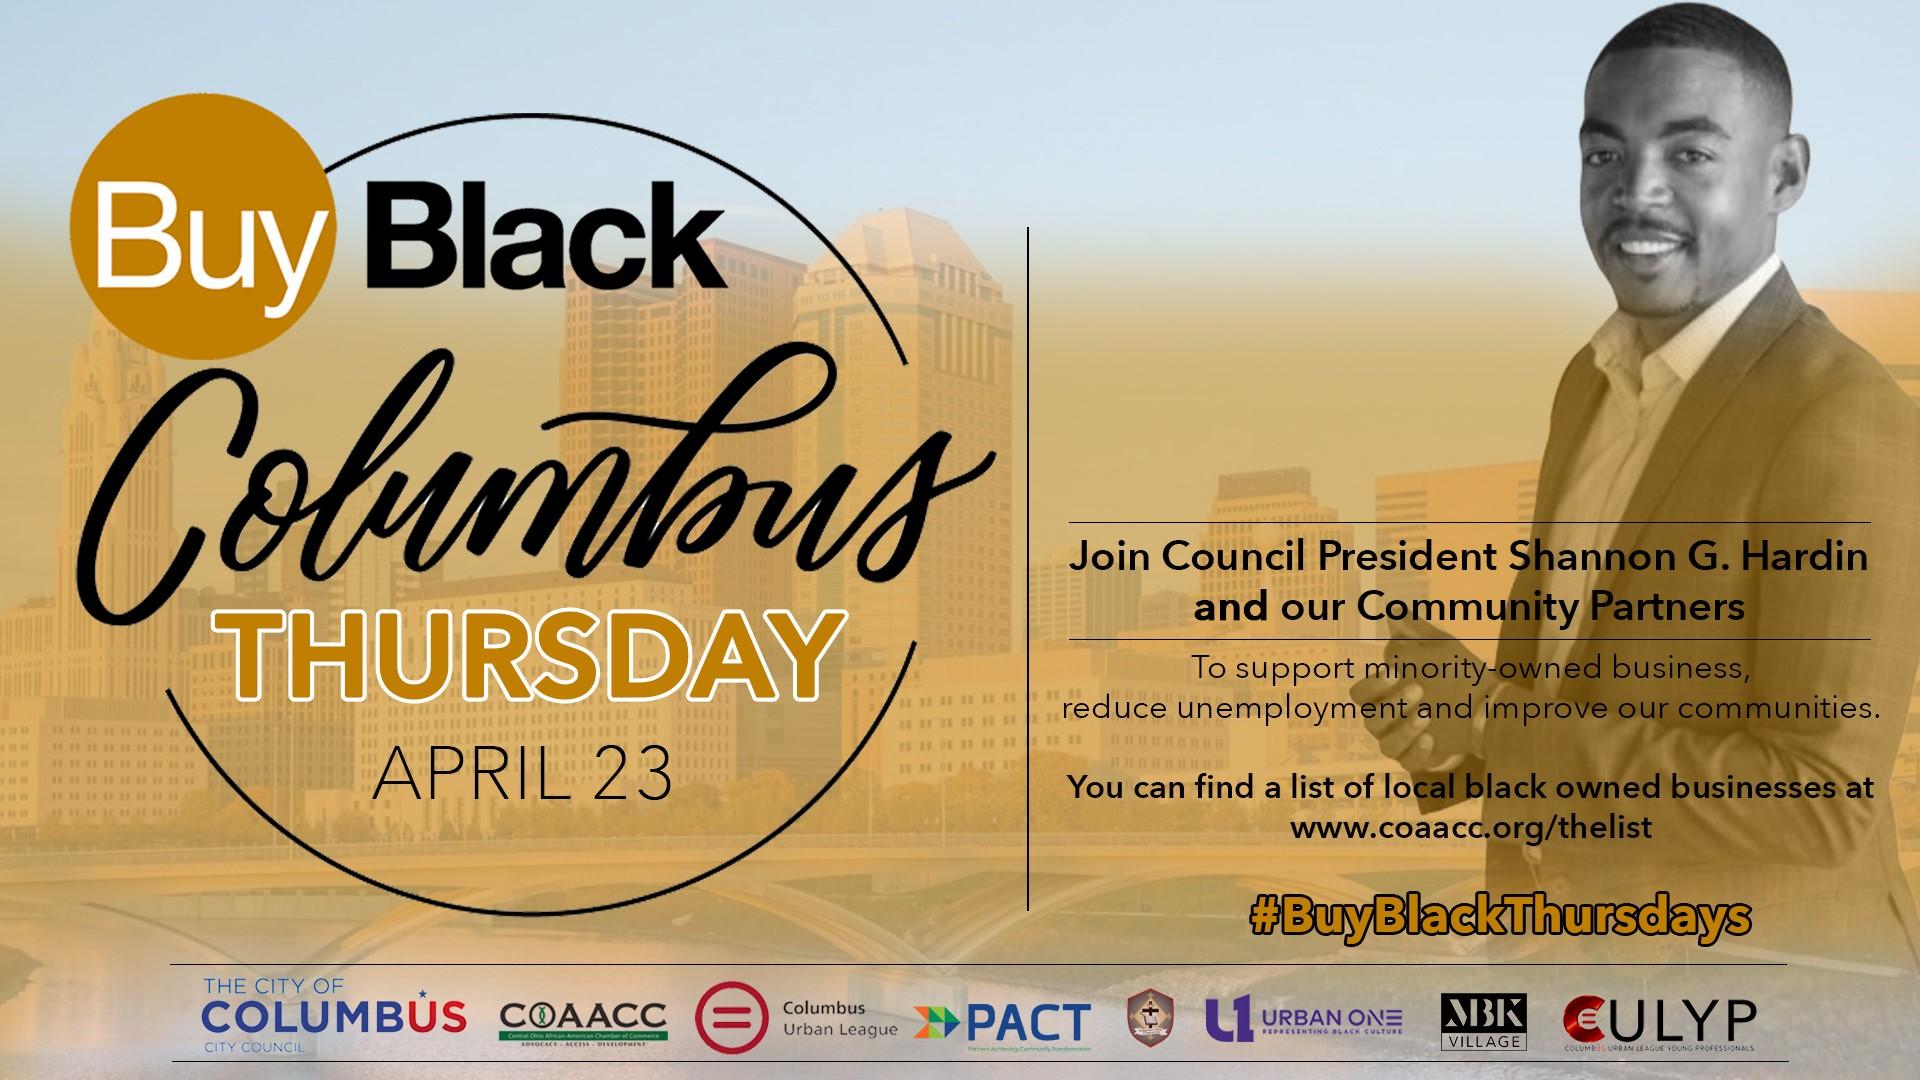 Buy Black Thursday